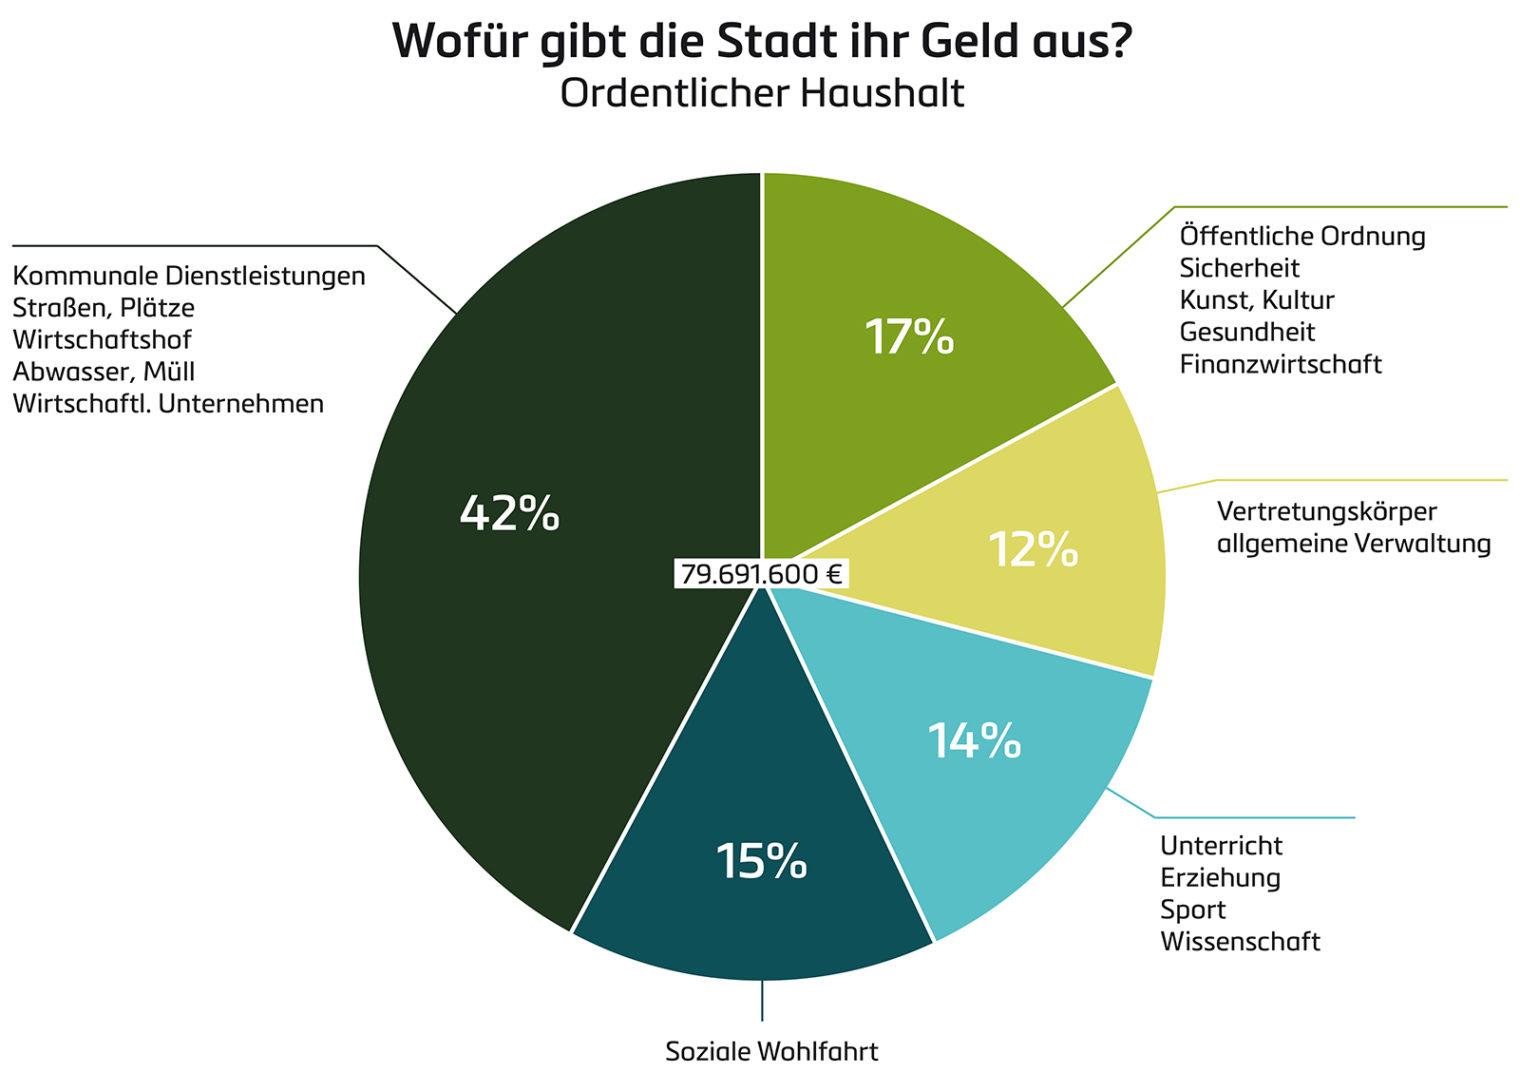 Grafik: Ordentlicher Haushalt - Wofür gibt die Stadt ihr Geld aus?